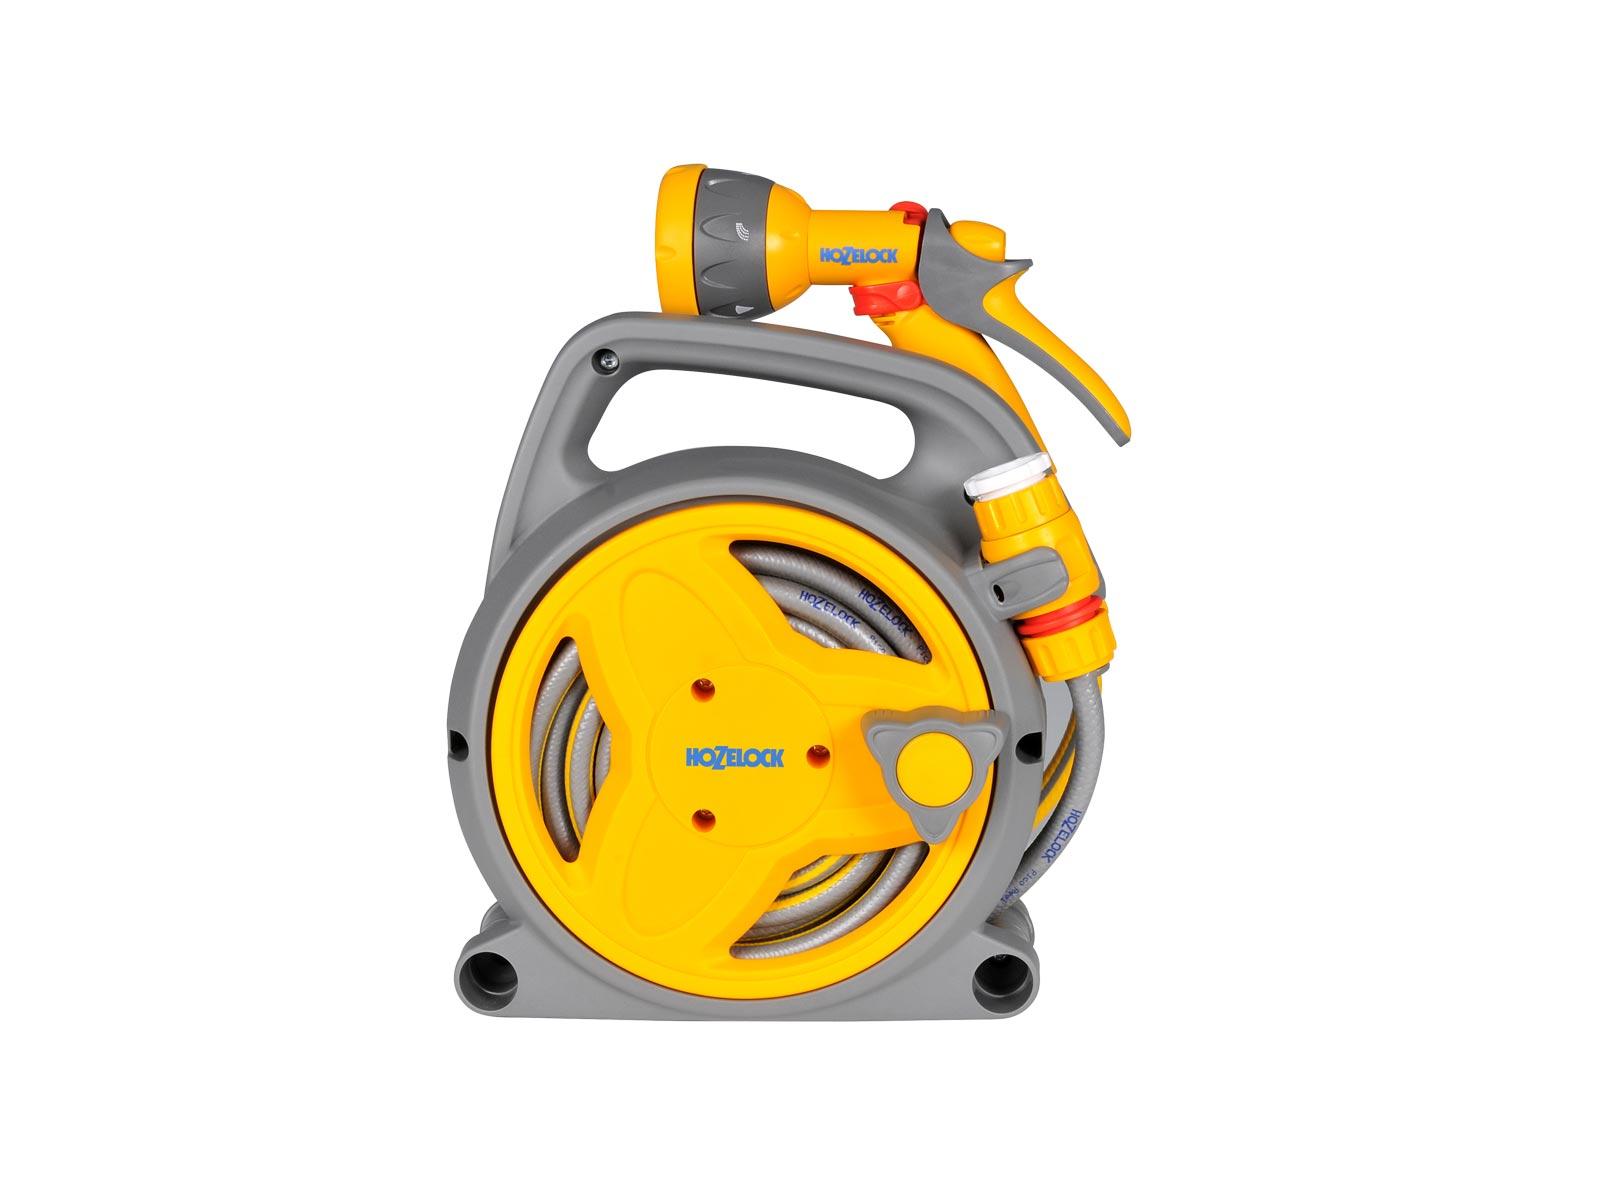 """Катушка для шланга Hozelock """"Plus"""" 2425 + шланг 7,5 мм 10 м + коннекторы + пистолет-распылитель, серый, желтый, красный"""